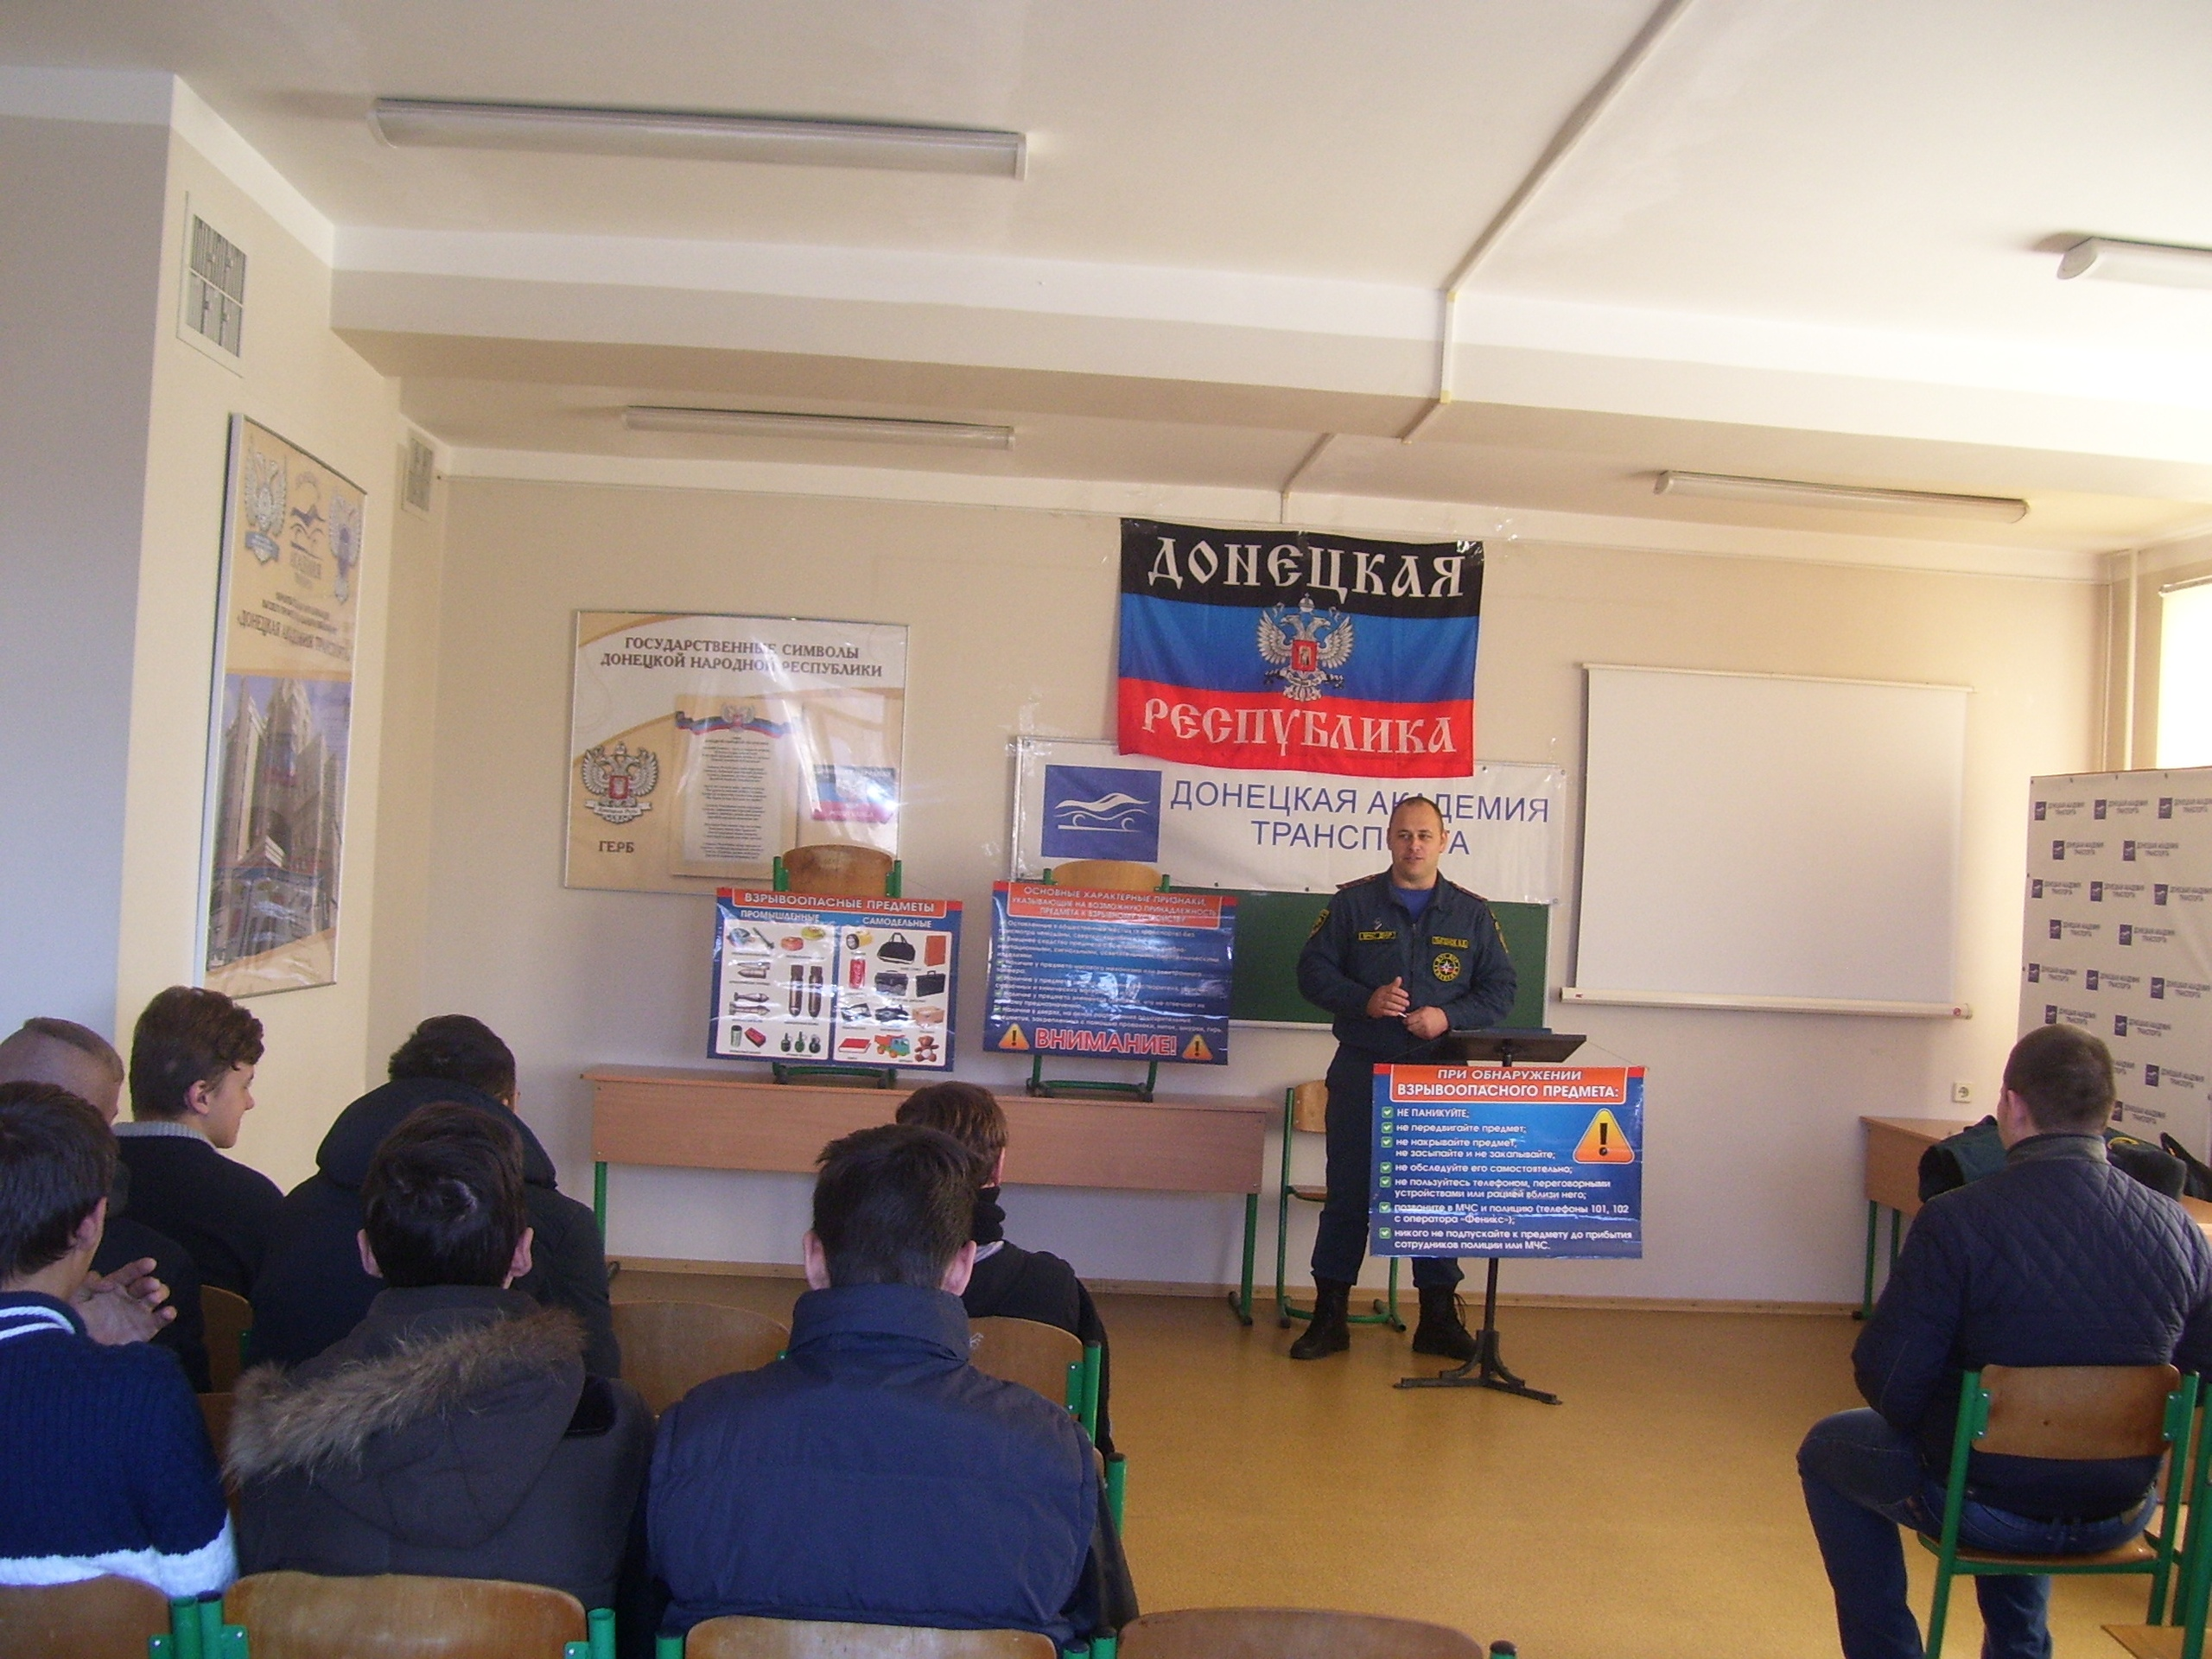 Сегодня, 14 ноября 2018 года, в Донецкой академии транспорта была проведена профилактическая беседа с учащимися и сотрудниками